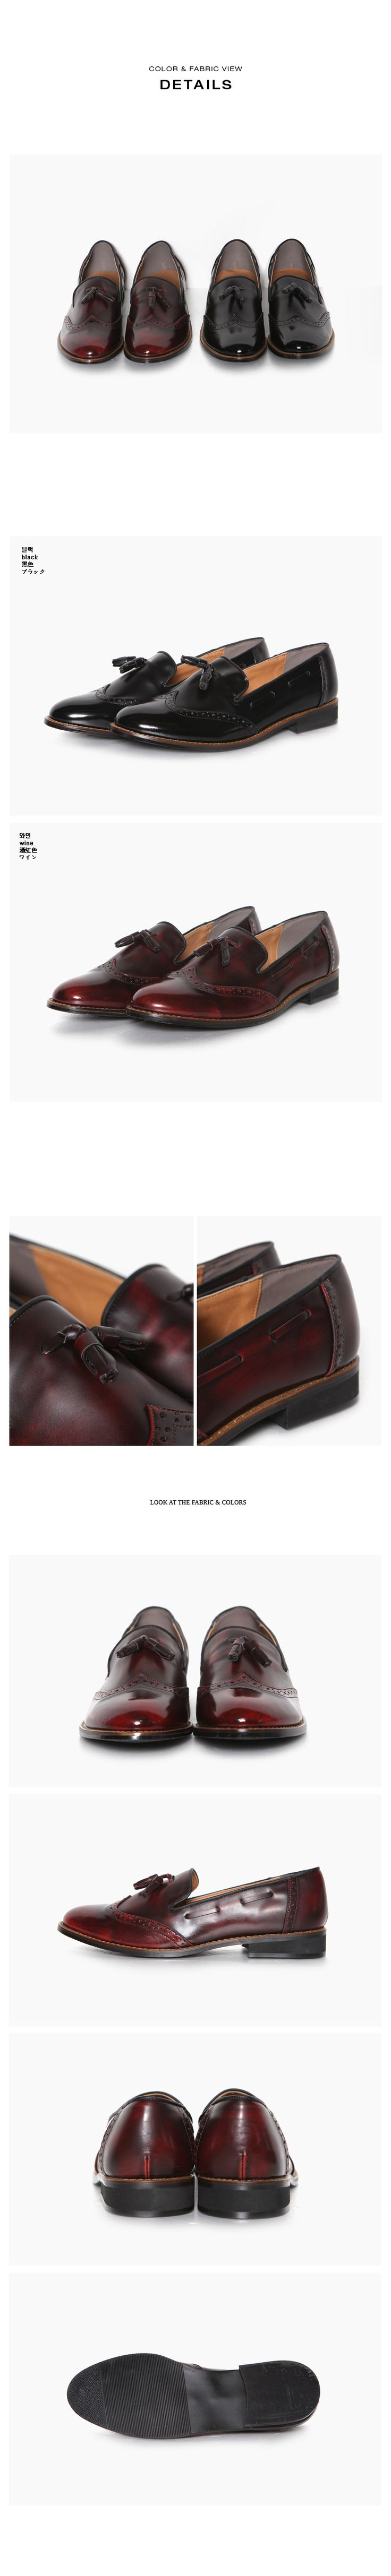 790クラシックタッセルローファーシューズ・全2色シューズ・靴ローファー通販 | メンズファッション 通販サイト【ディーホリックメンズ DHOLIC MEN'S】